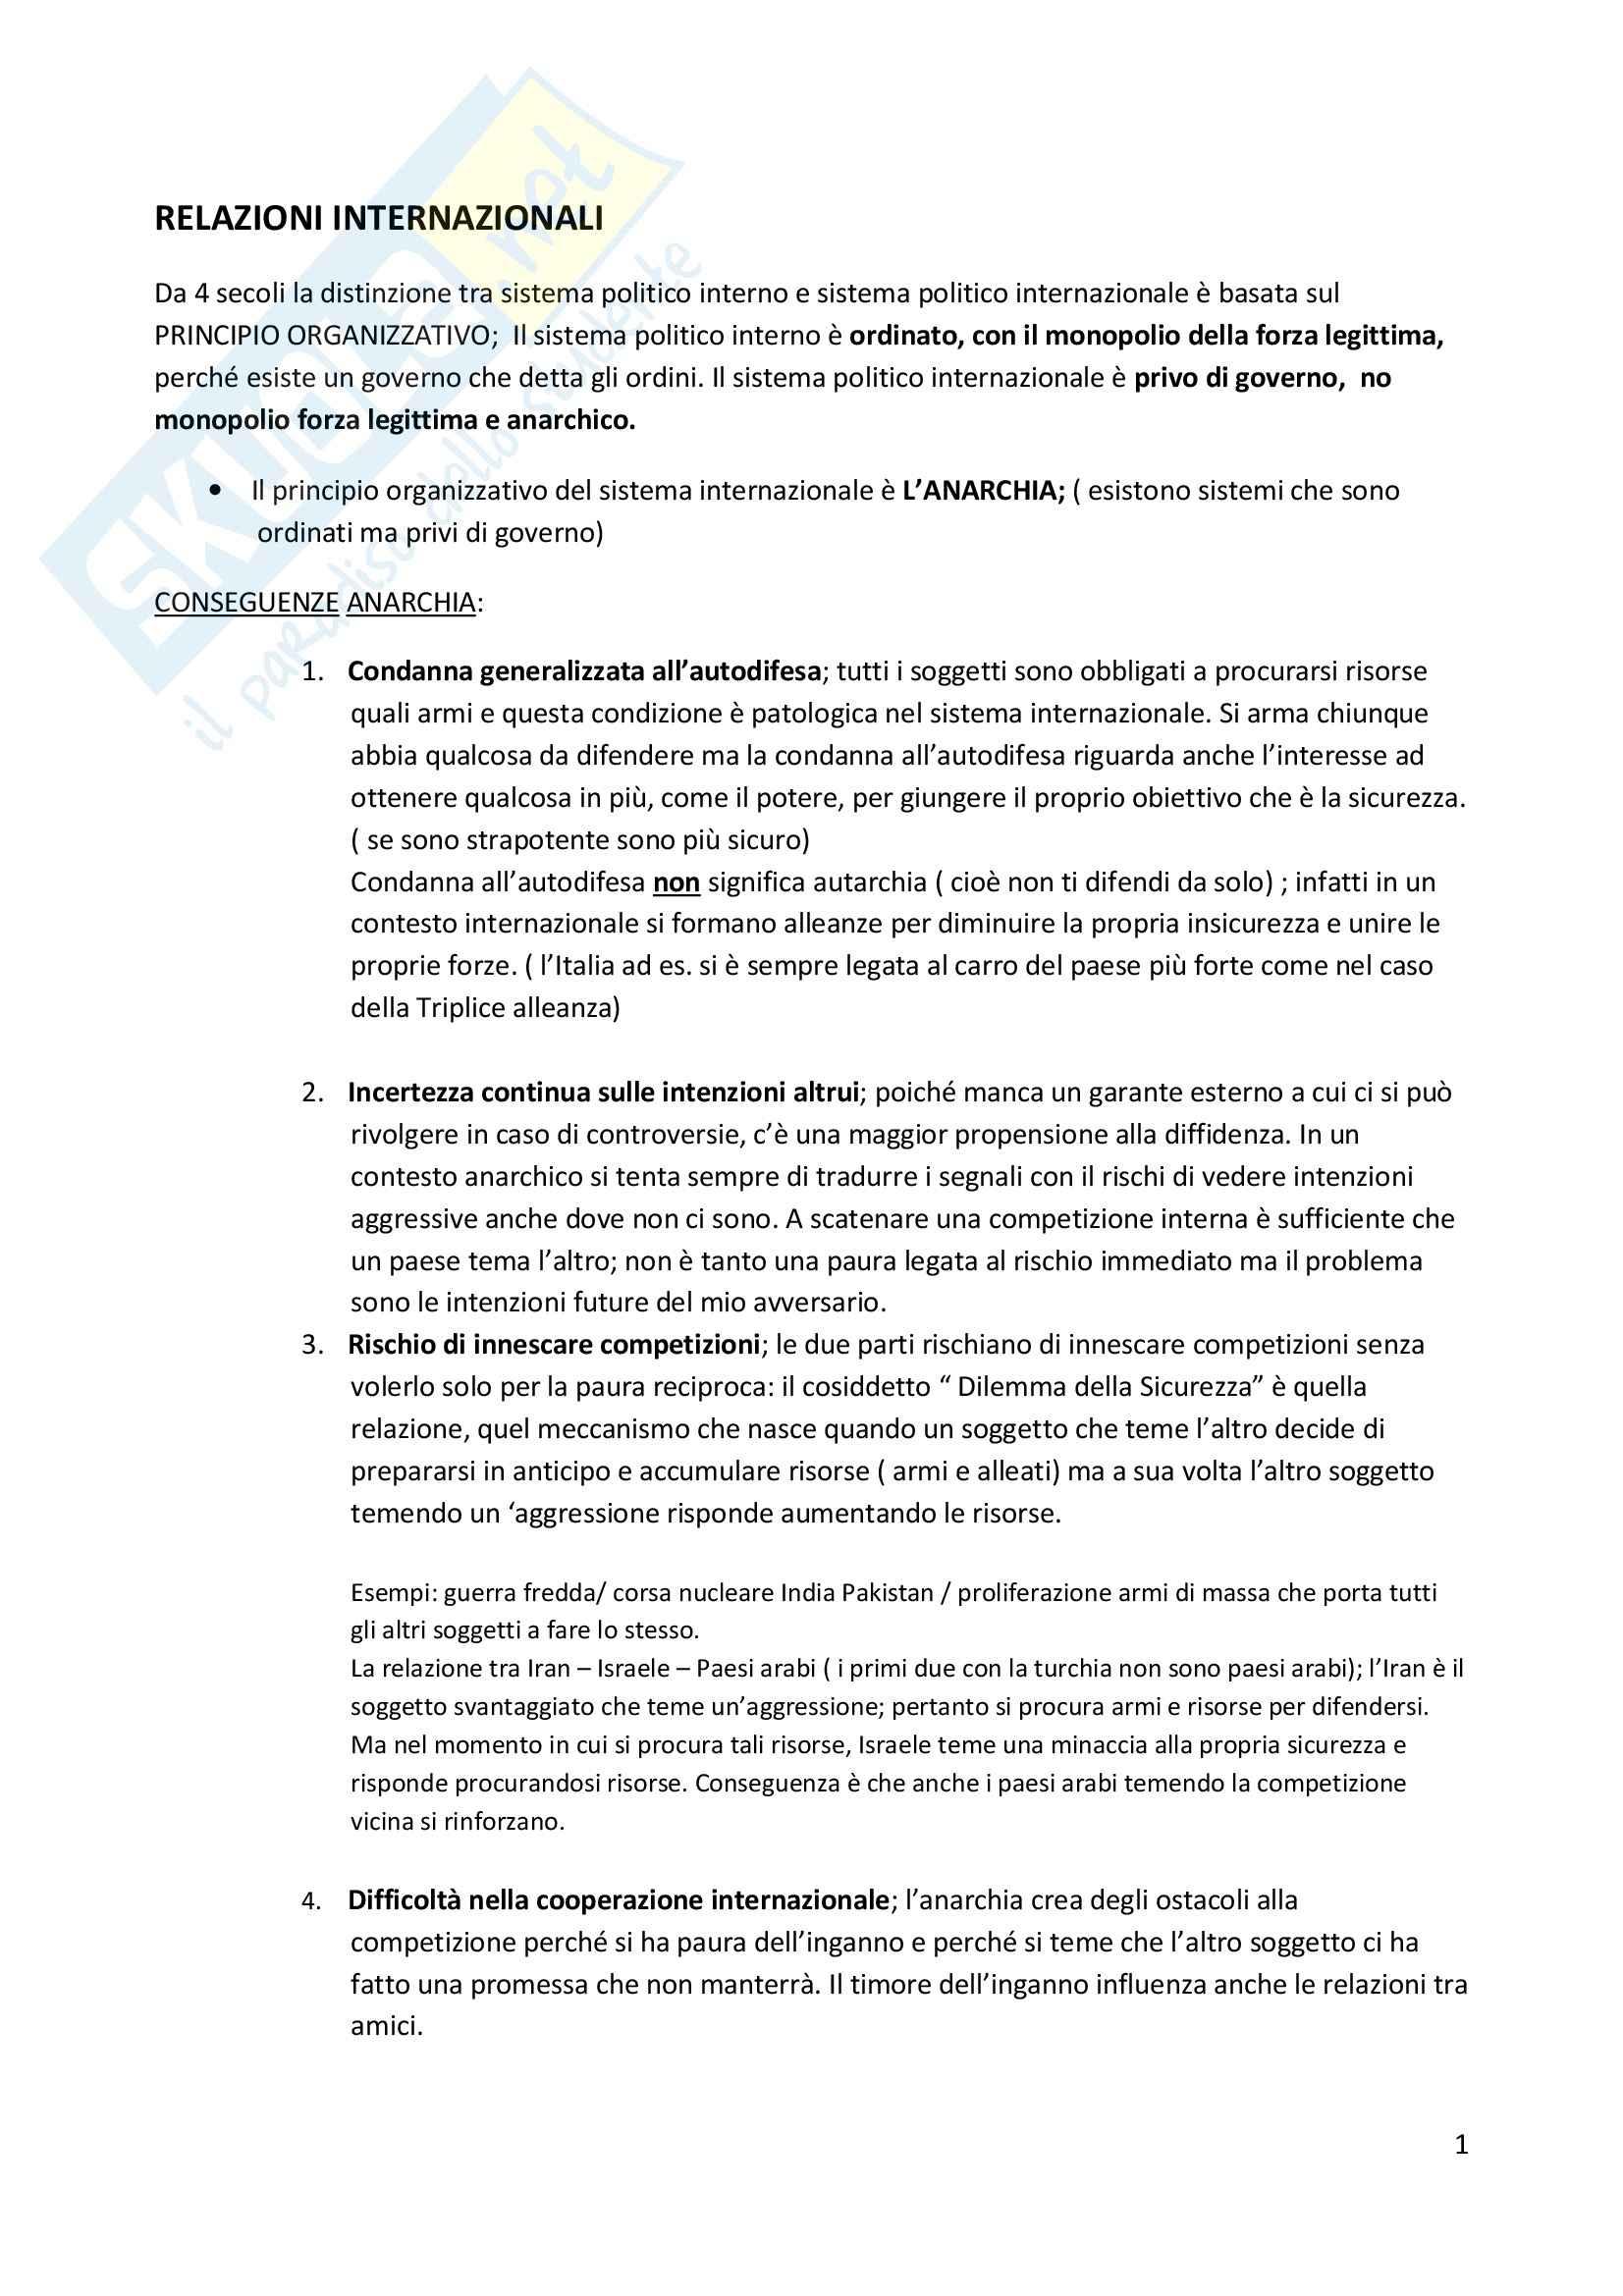 Storia delle relazioni internazionali - Appunti